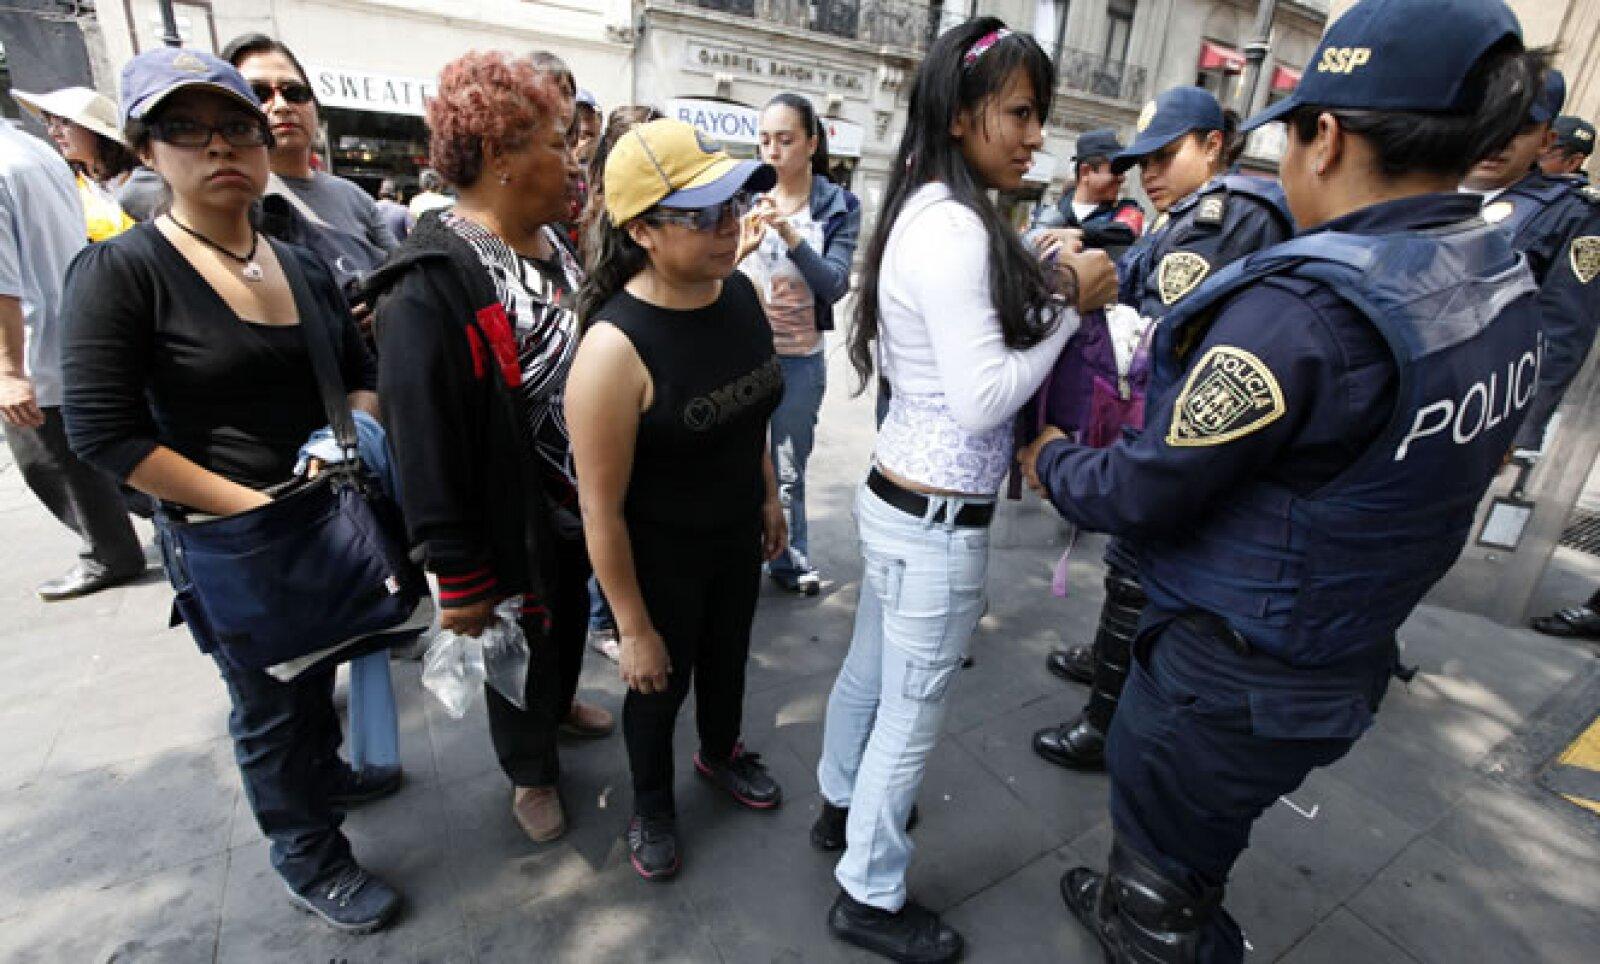 La policía revisa que los asistentes no acudan con cinturón, alimentos, mascotas, objetos voluminosos  u objetos punzo cortantes.